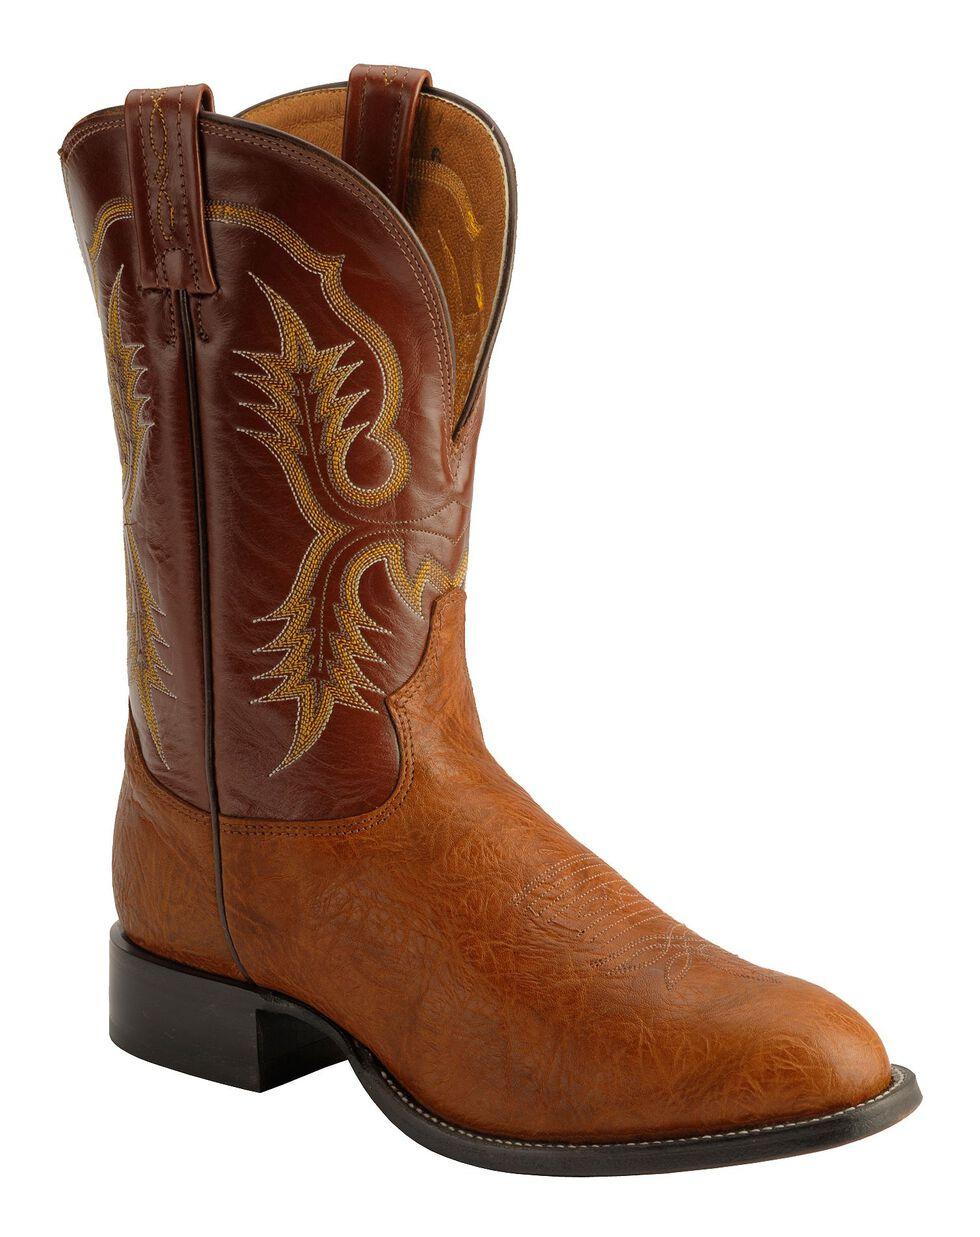 Tony Lama Aztec Shoulder Cowboy Boots - Round Toe, Brit Tan, hi-res